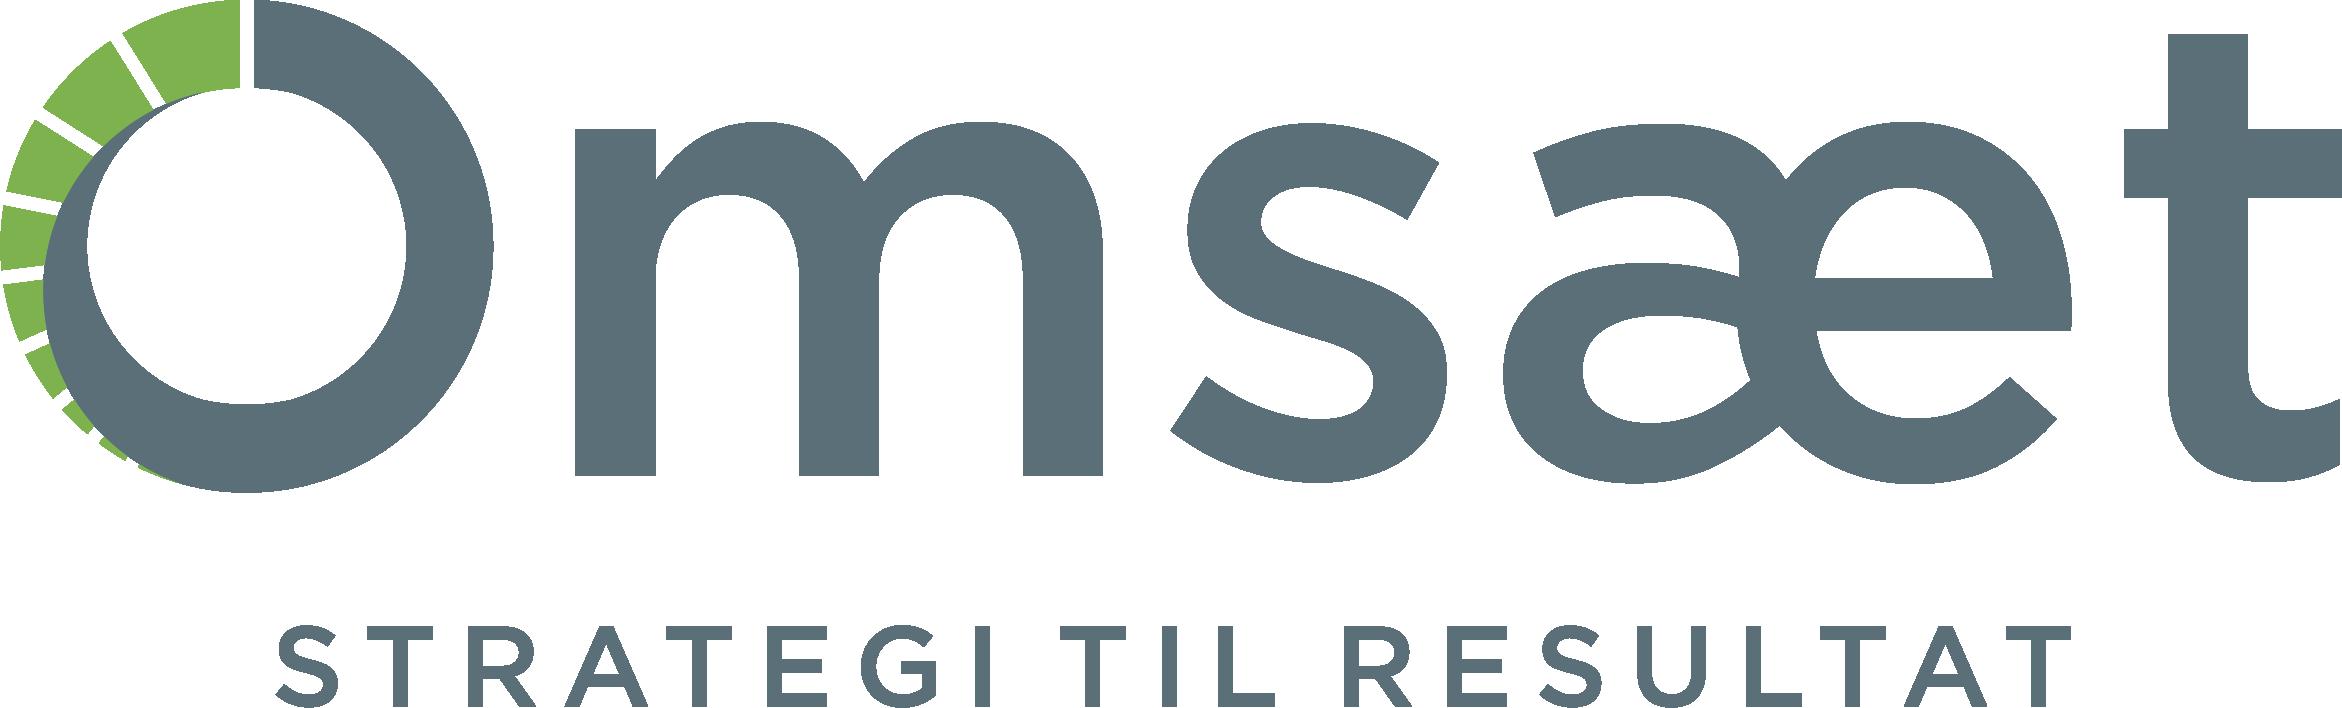 Omsæt logo